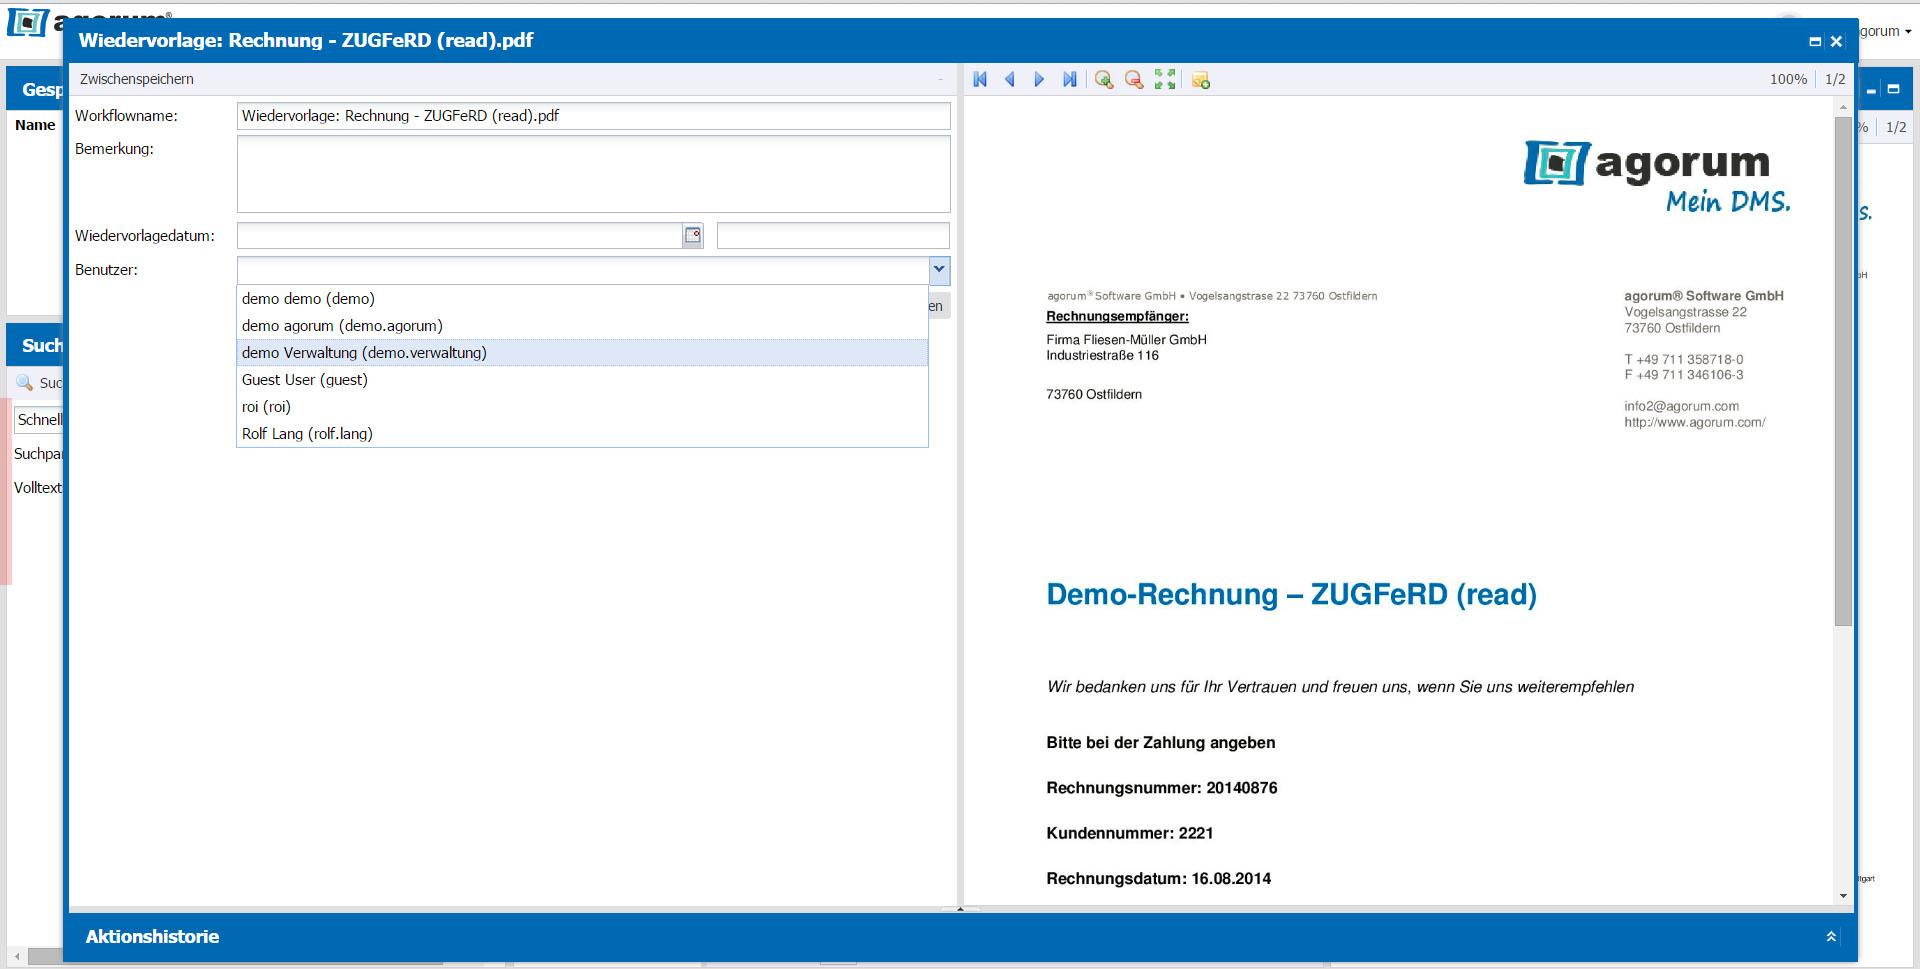 Dokumente im DMS bequem auf Wiedervorlage legen - Adressat auswählen